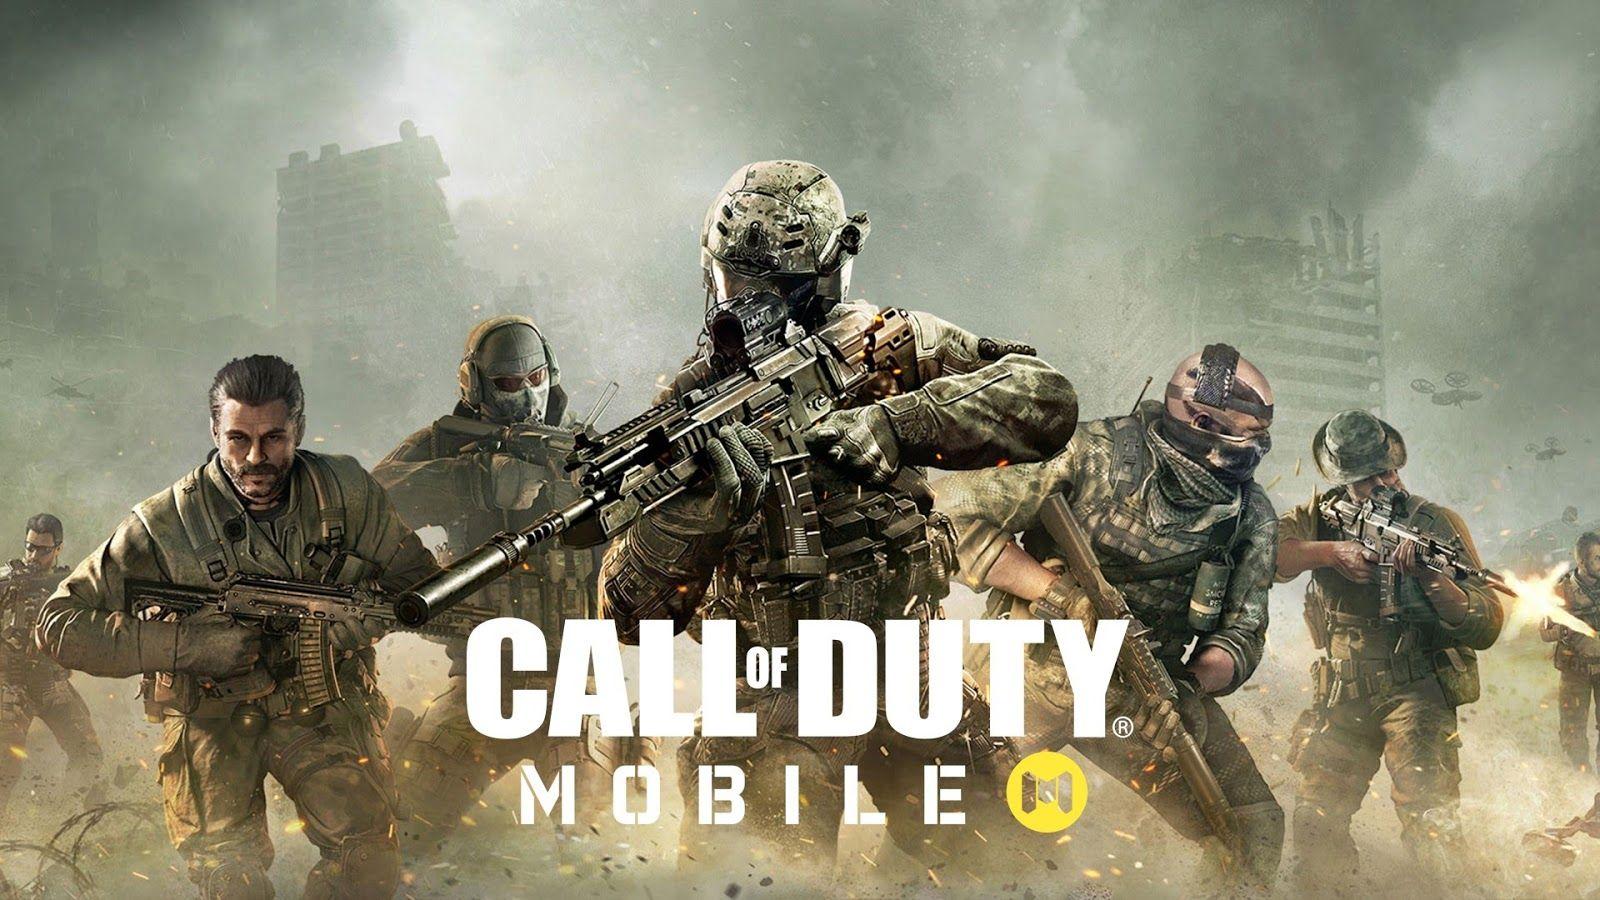 Cod Hack Karamu In 2020 Call Of Duty Call Of Duty Gameplay